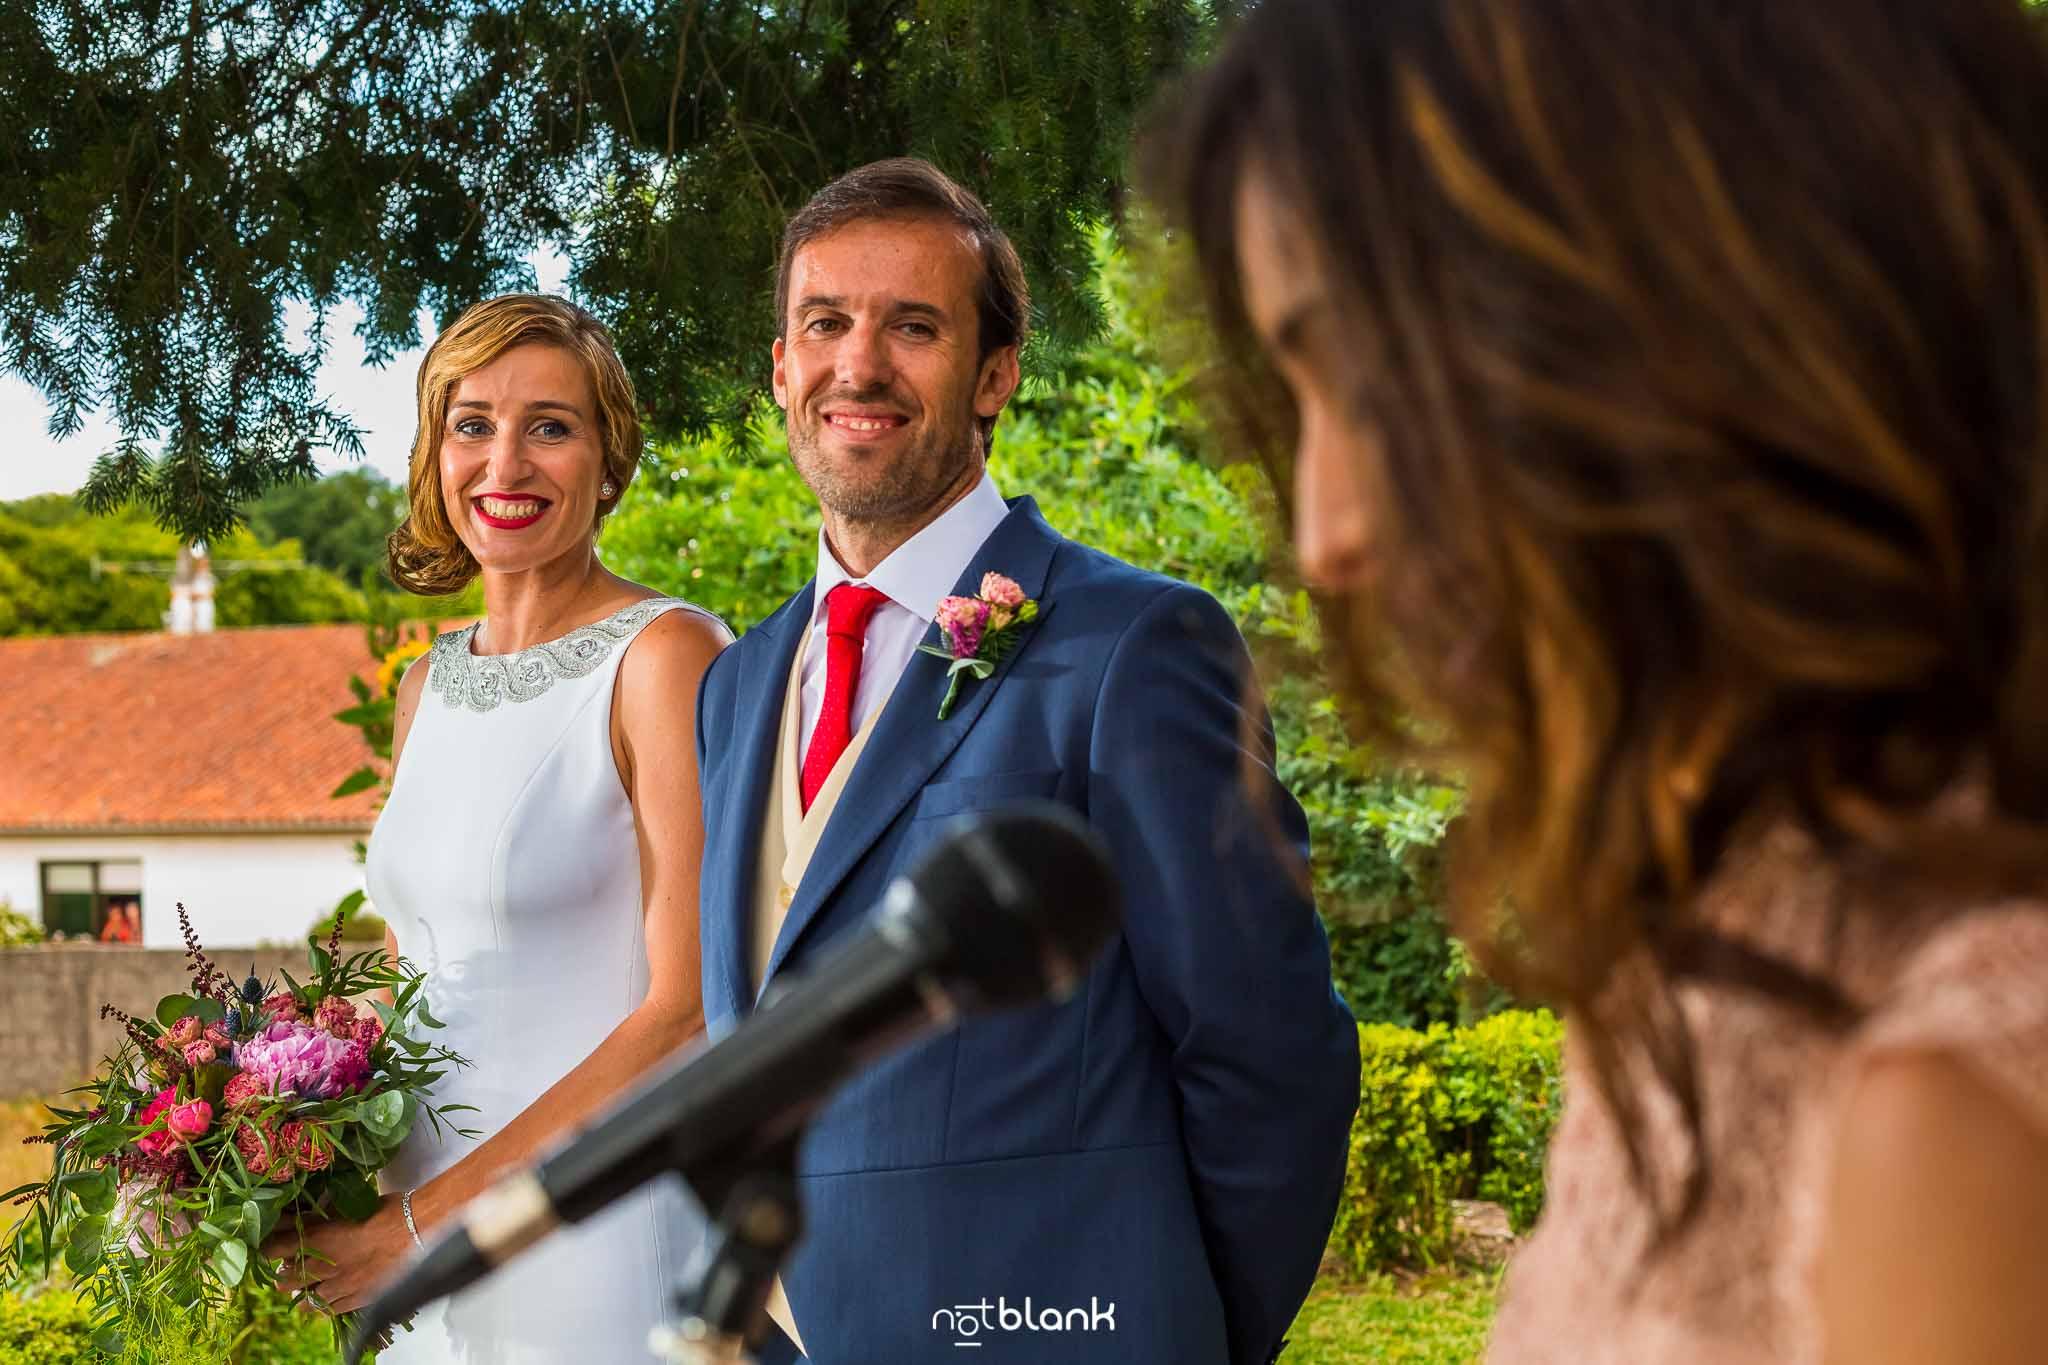 Boda En El Jardin De Casa Jana y Fran - Los novios miran sonrientes a la hermana del novio mientras esta pronuncia unas palabras durante la ceremonia - Notblank Fotografos de boda